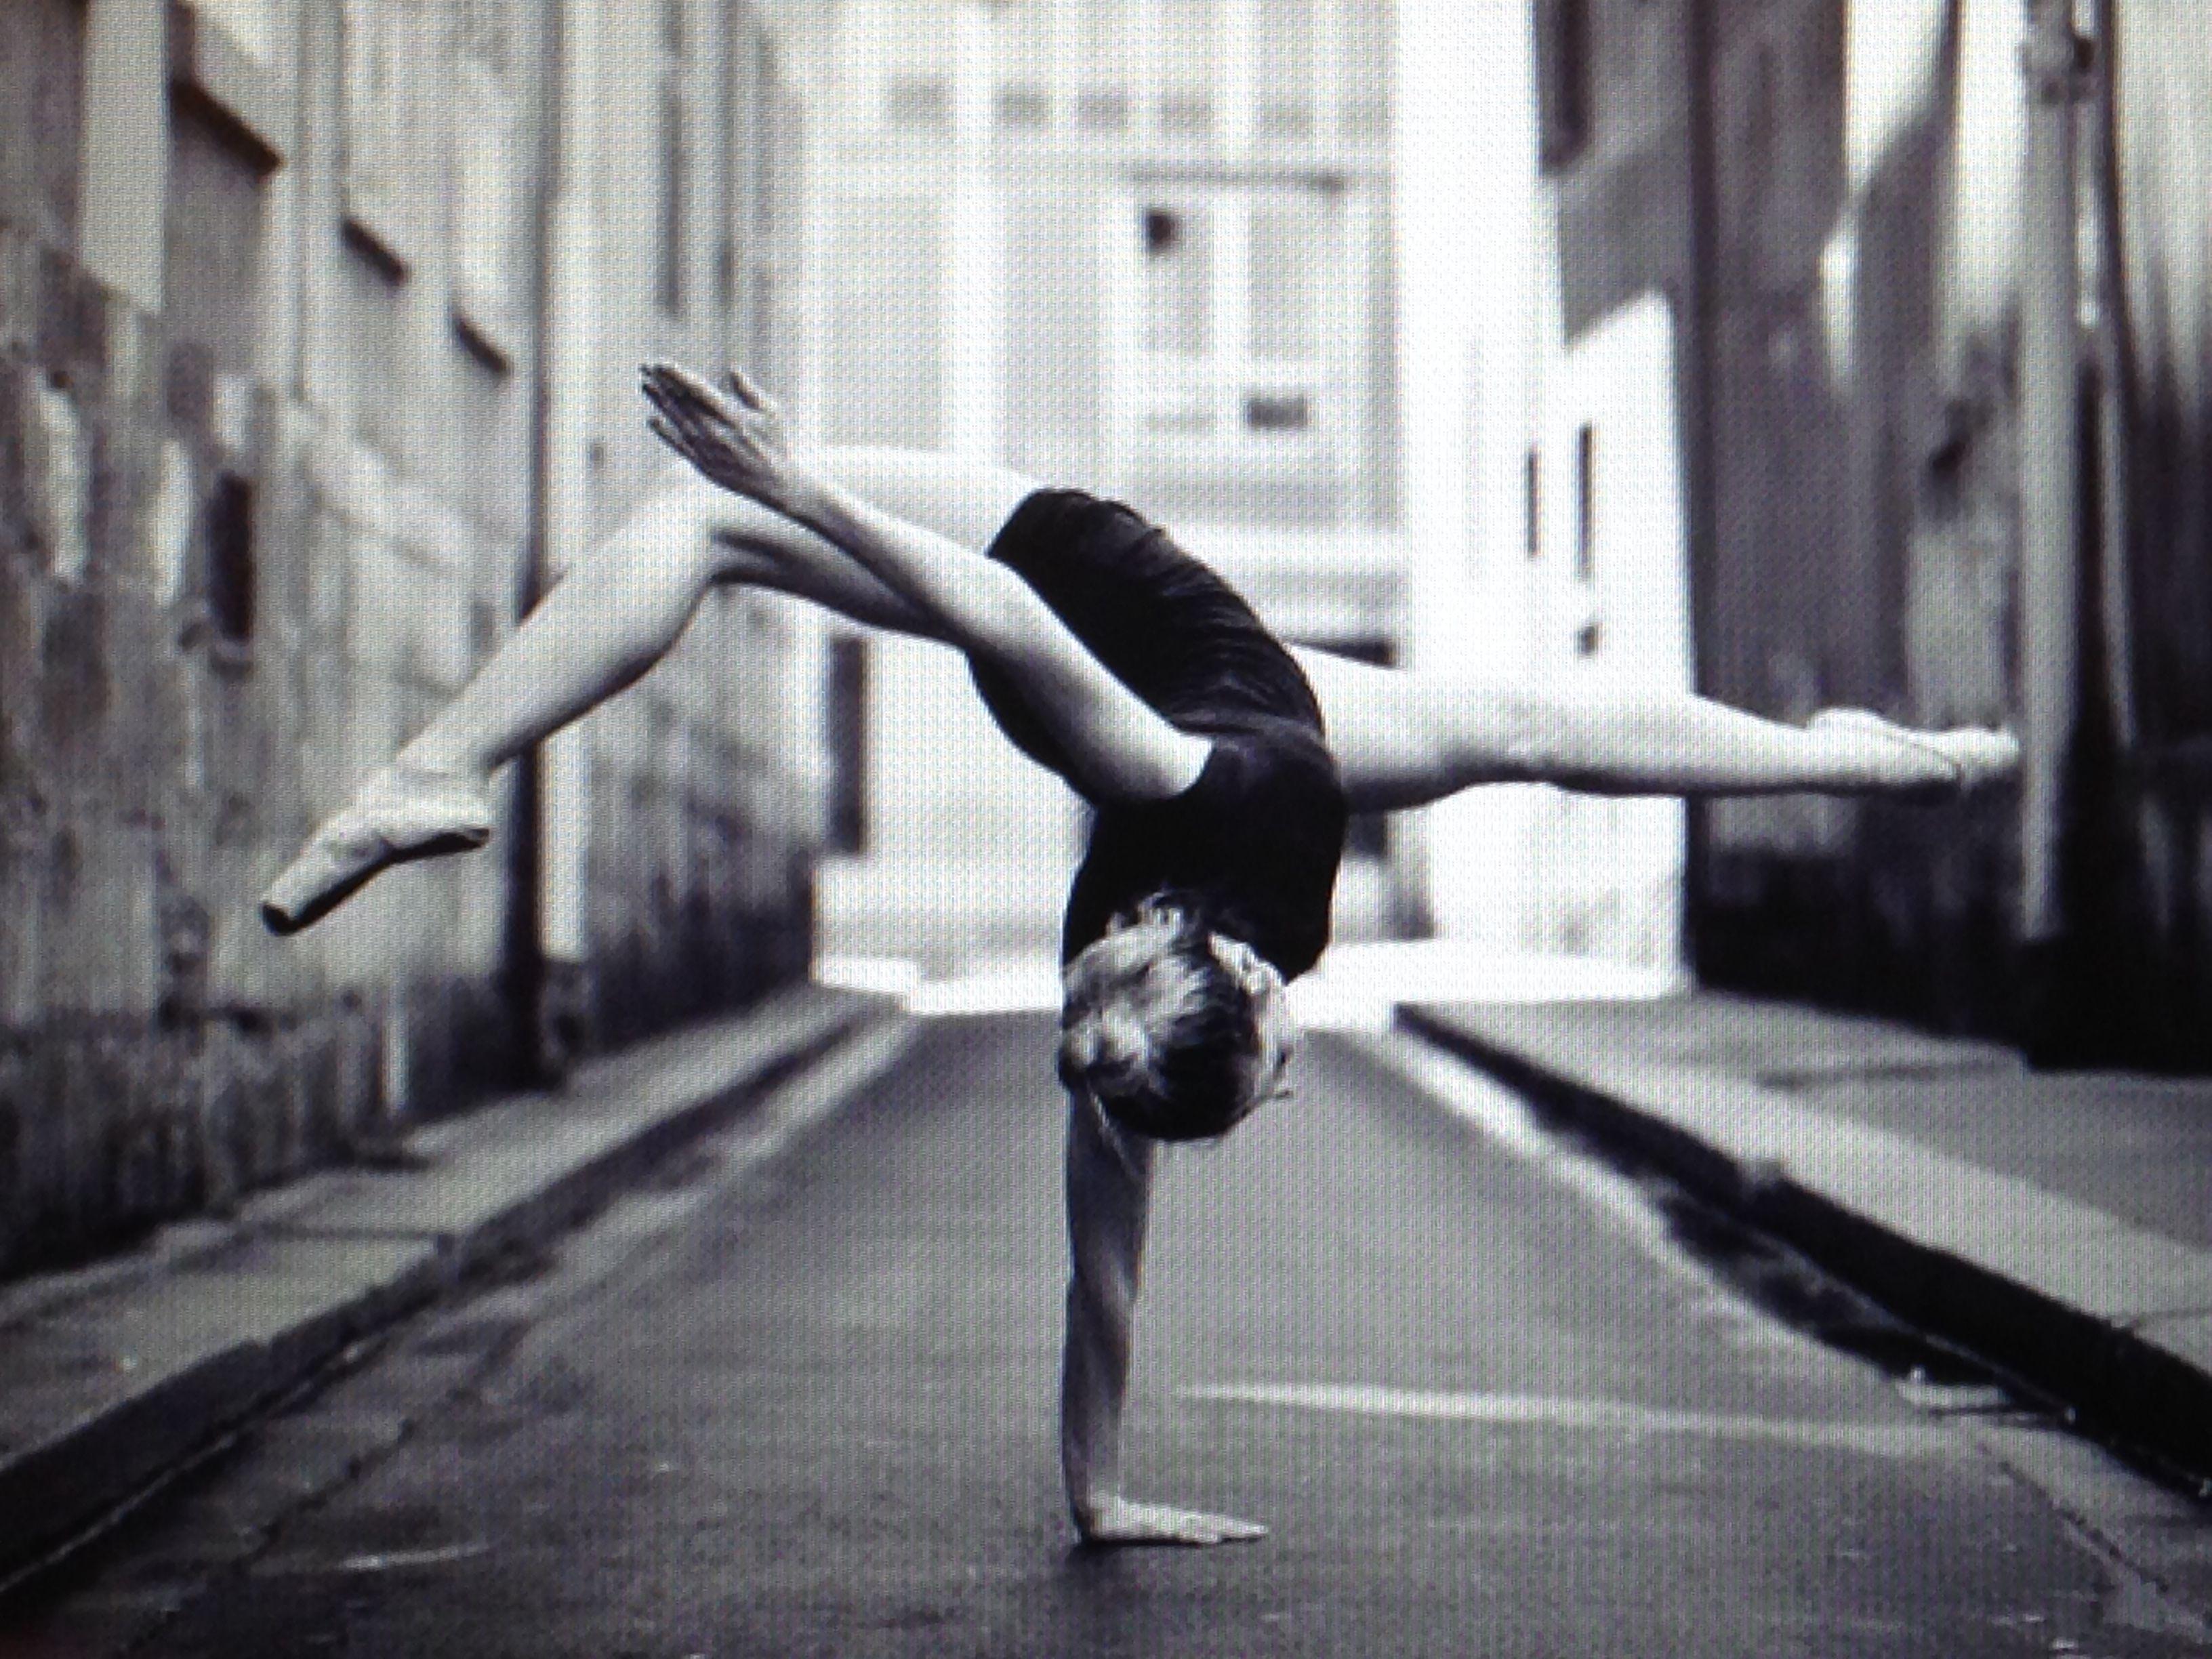 Polina Semionova, ABT   Ballet beauty, Polina semionova